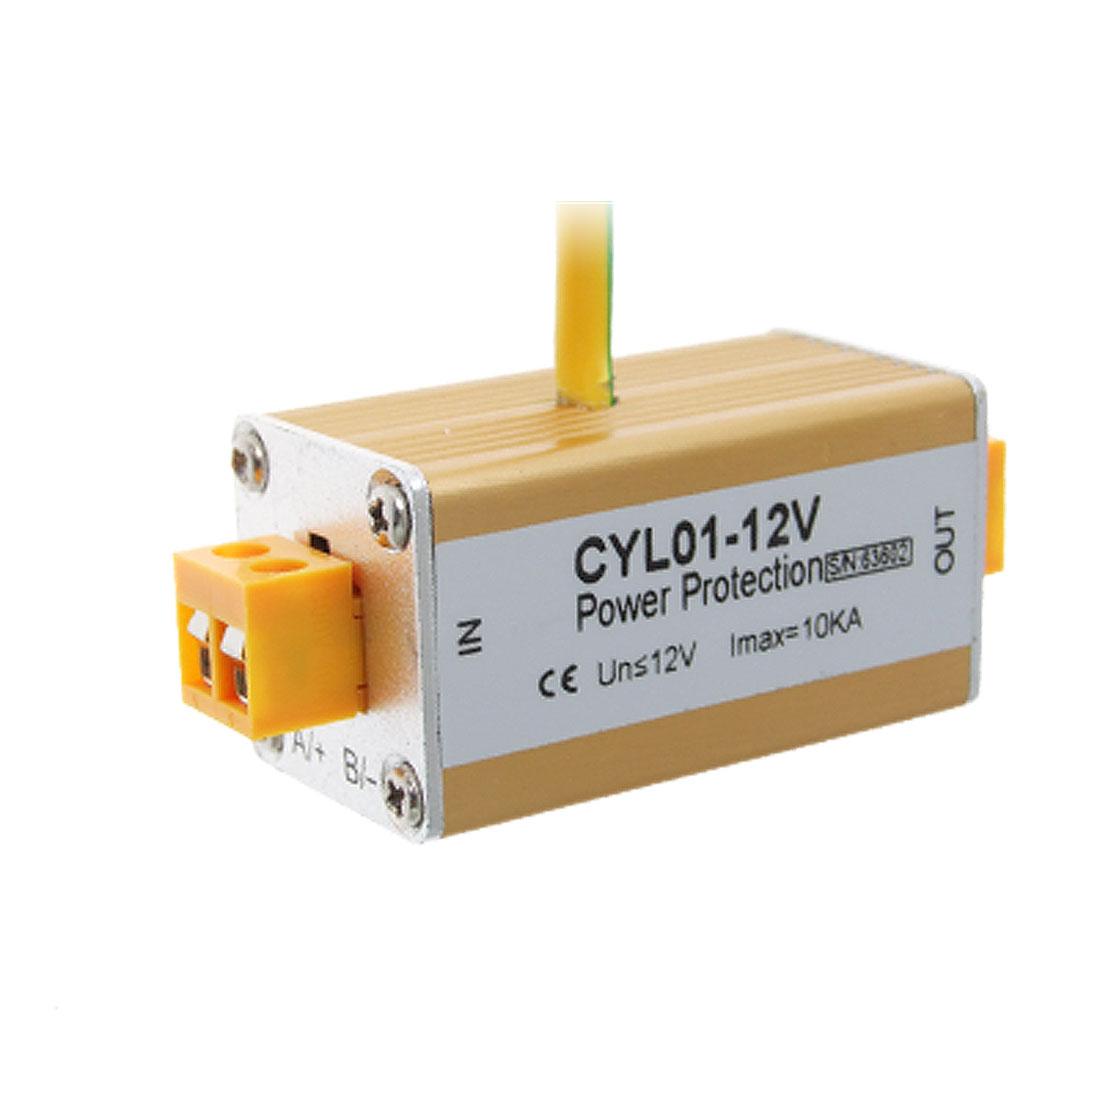 12V Low Power Supply Surge Lightning Arrester Protector